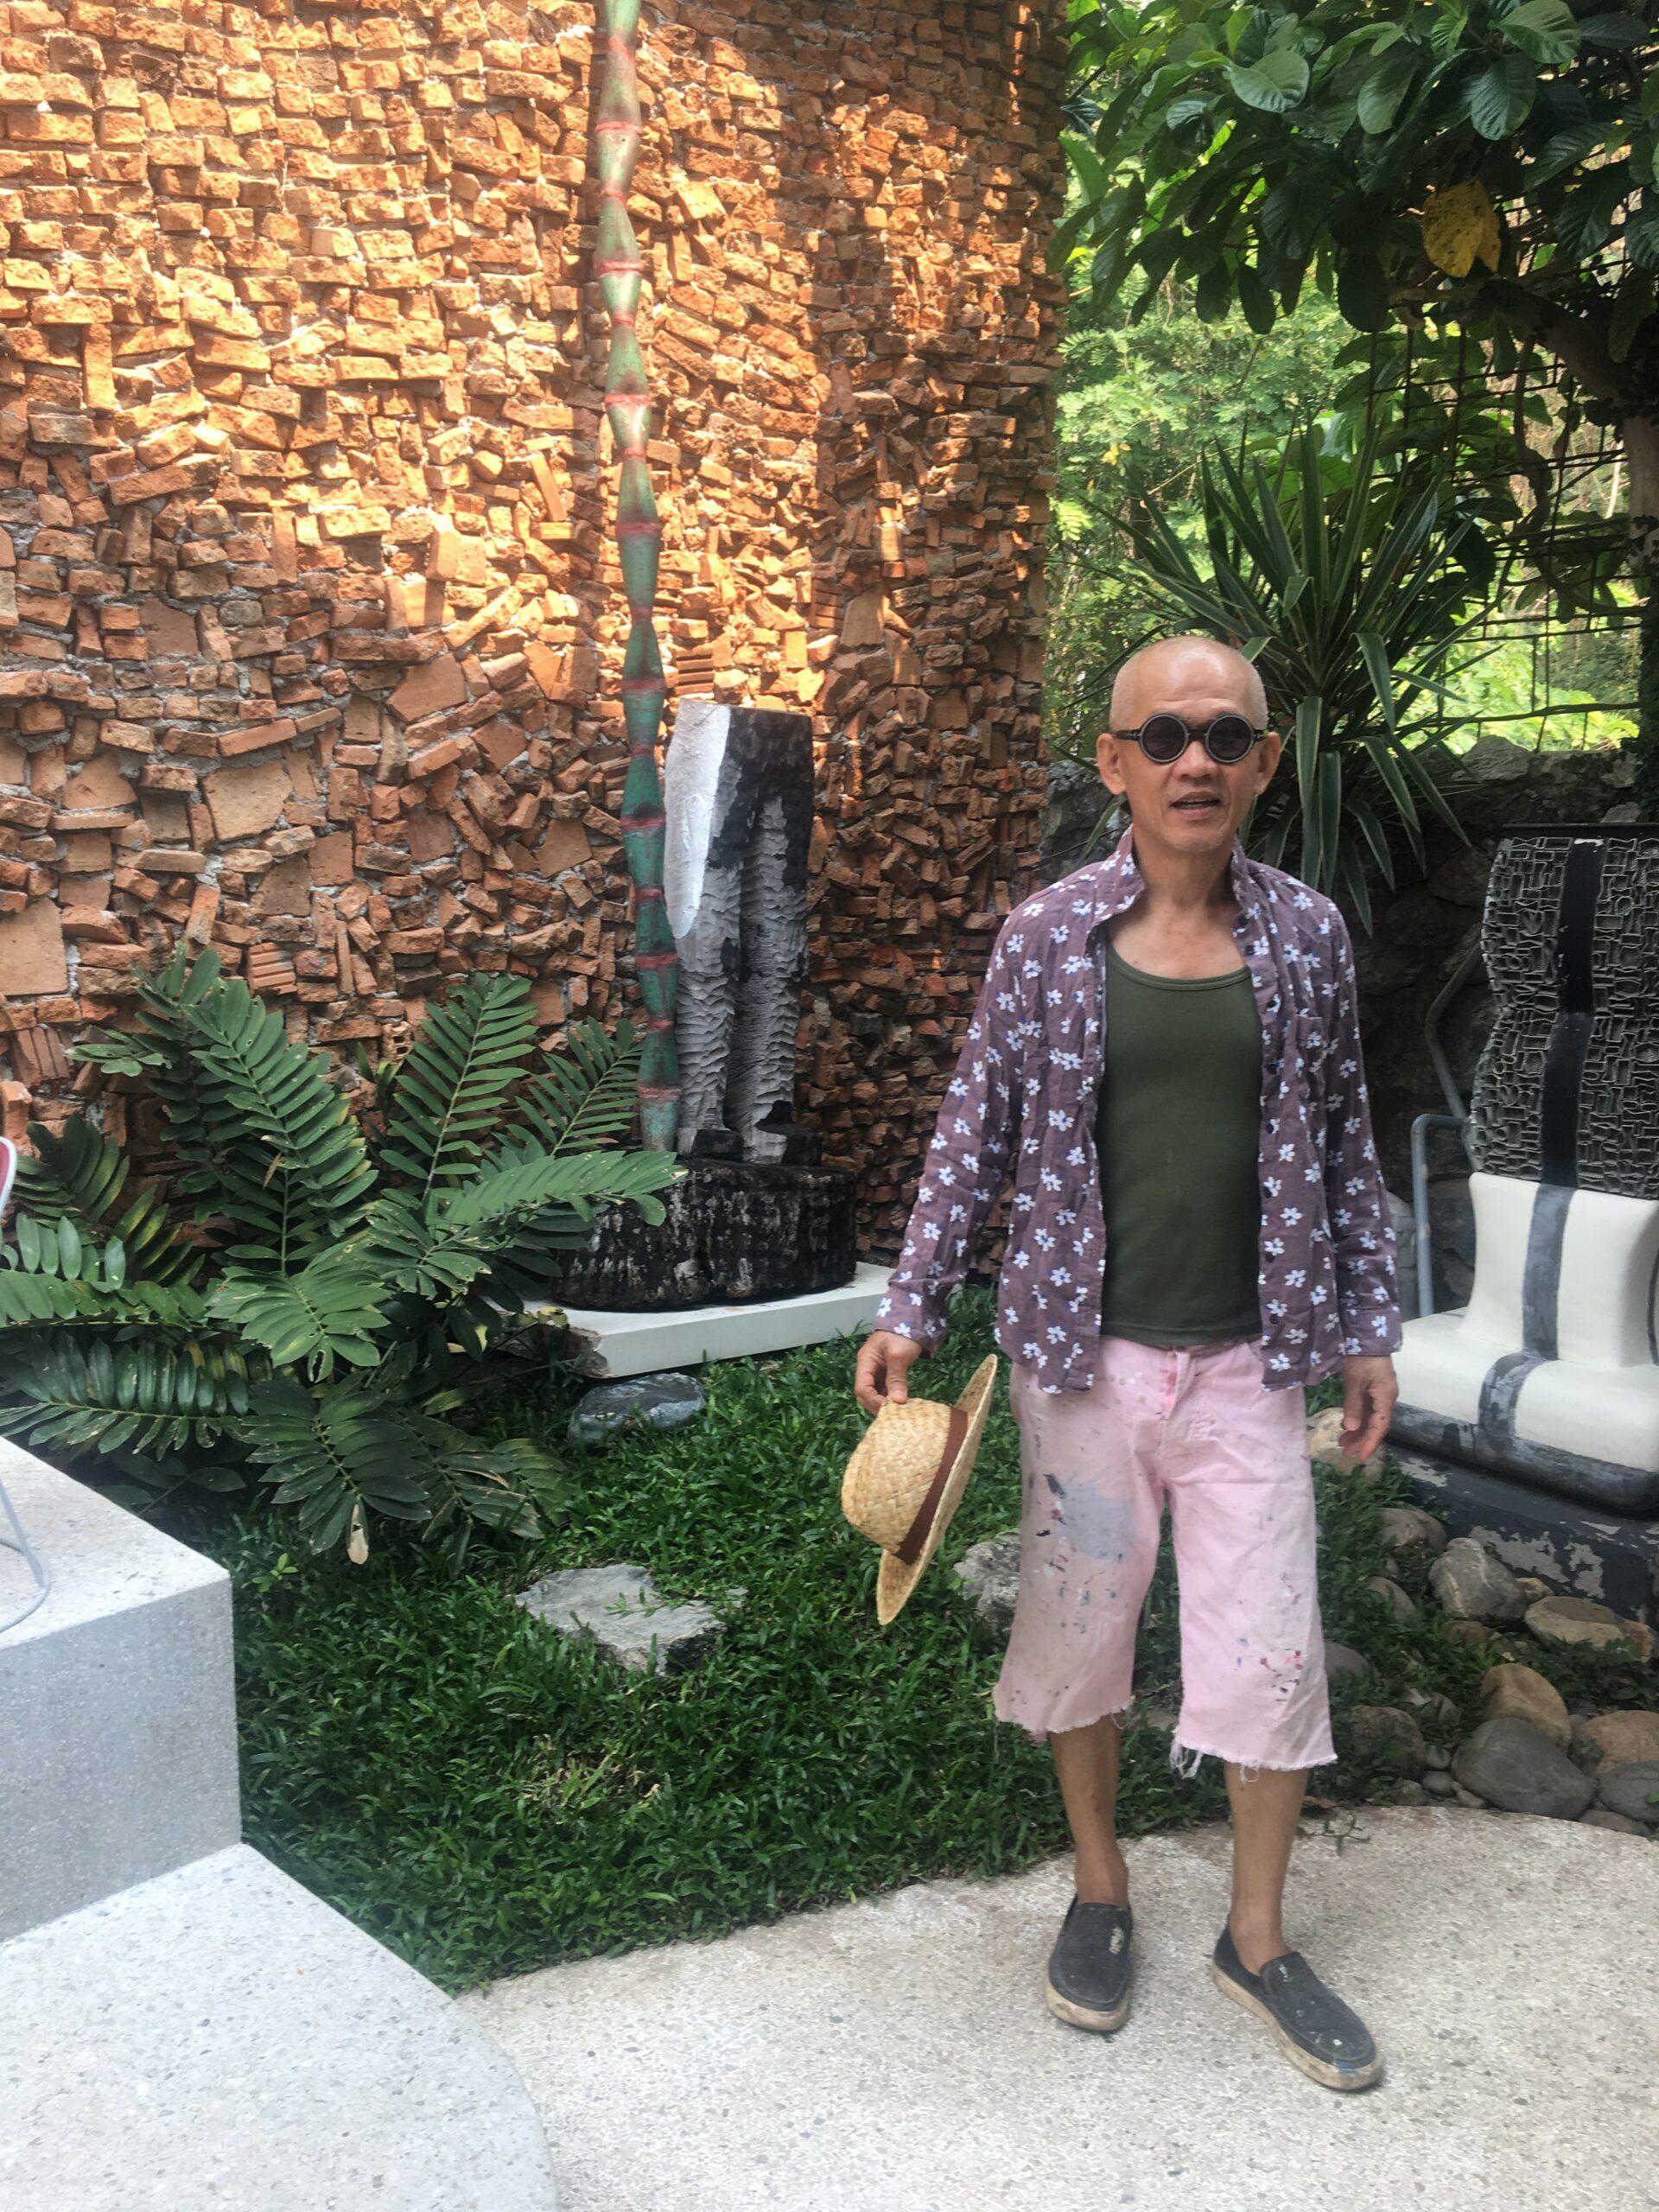 Thaiwijit Puengkasemsomboon